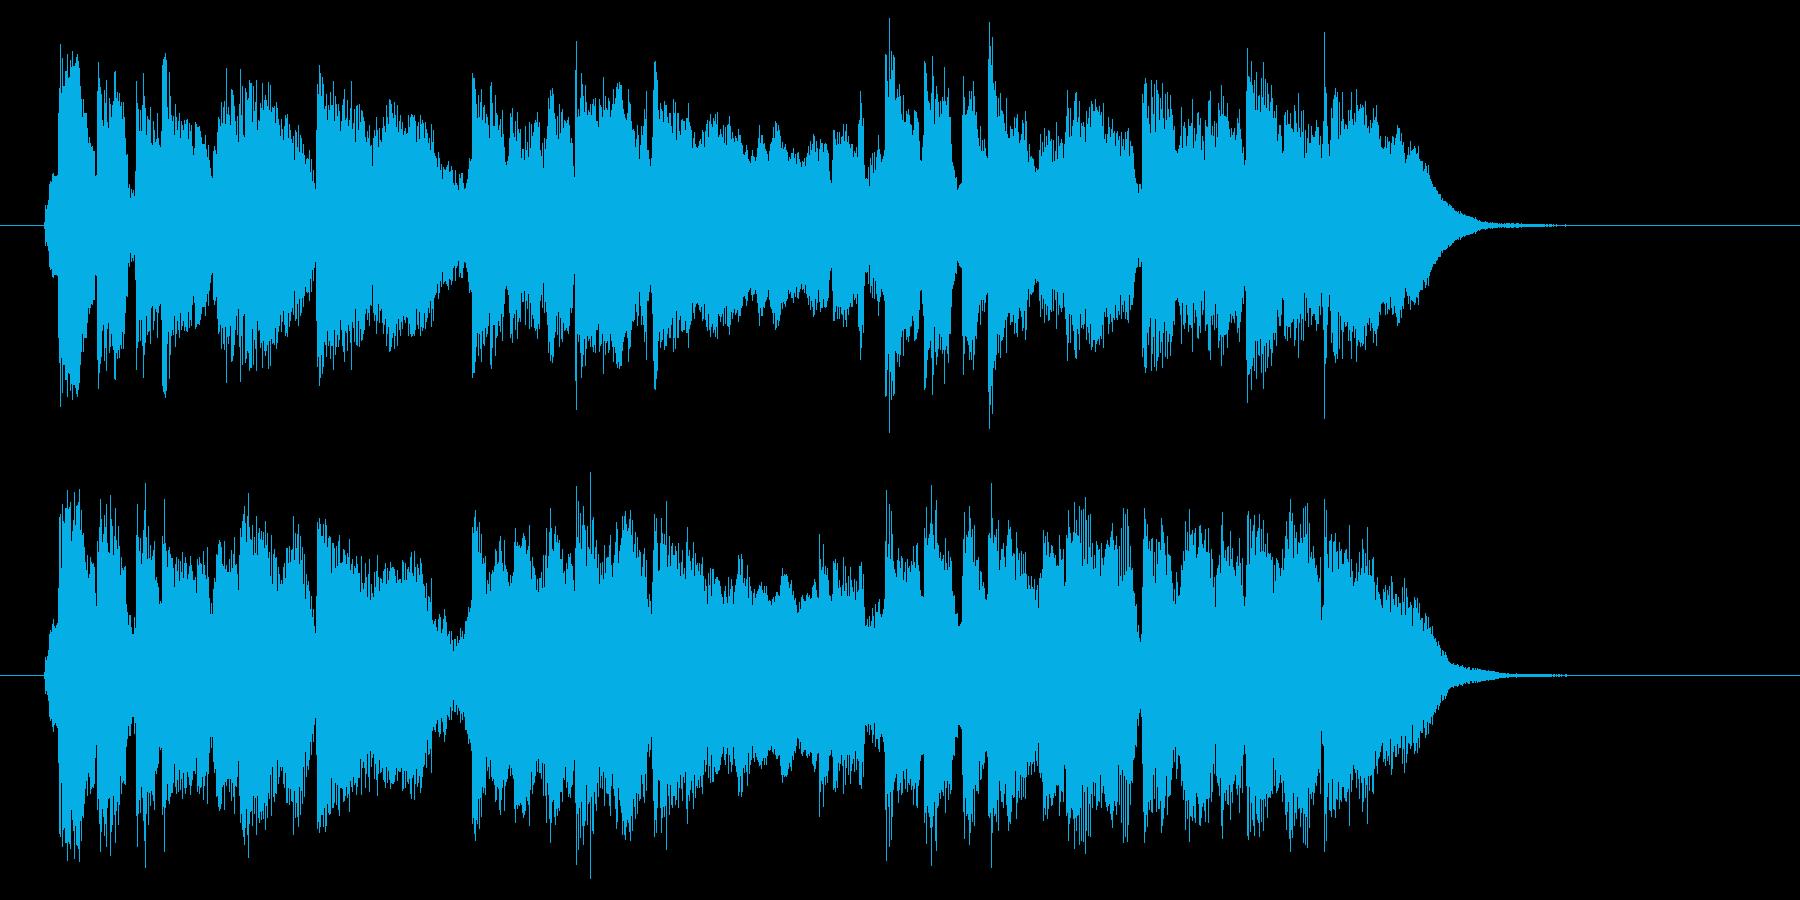 優しくて明るい音色のポップスのジングルの再生済みの波形